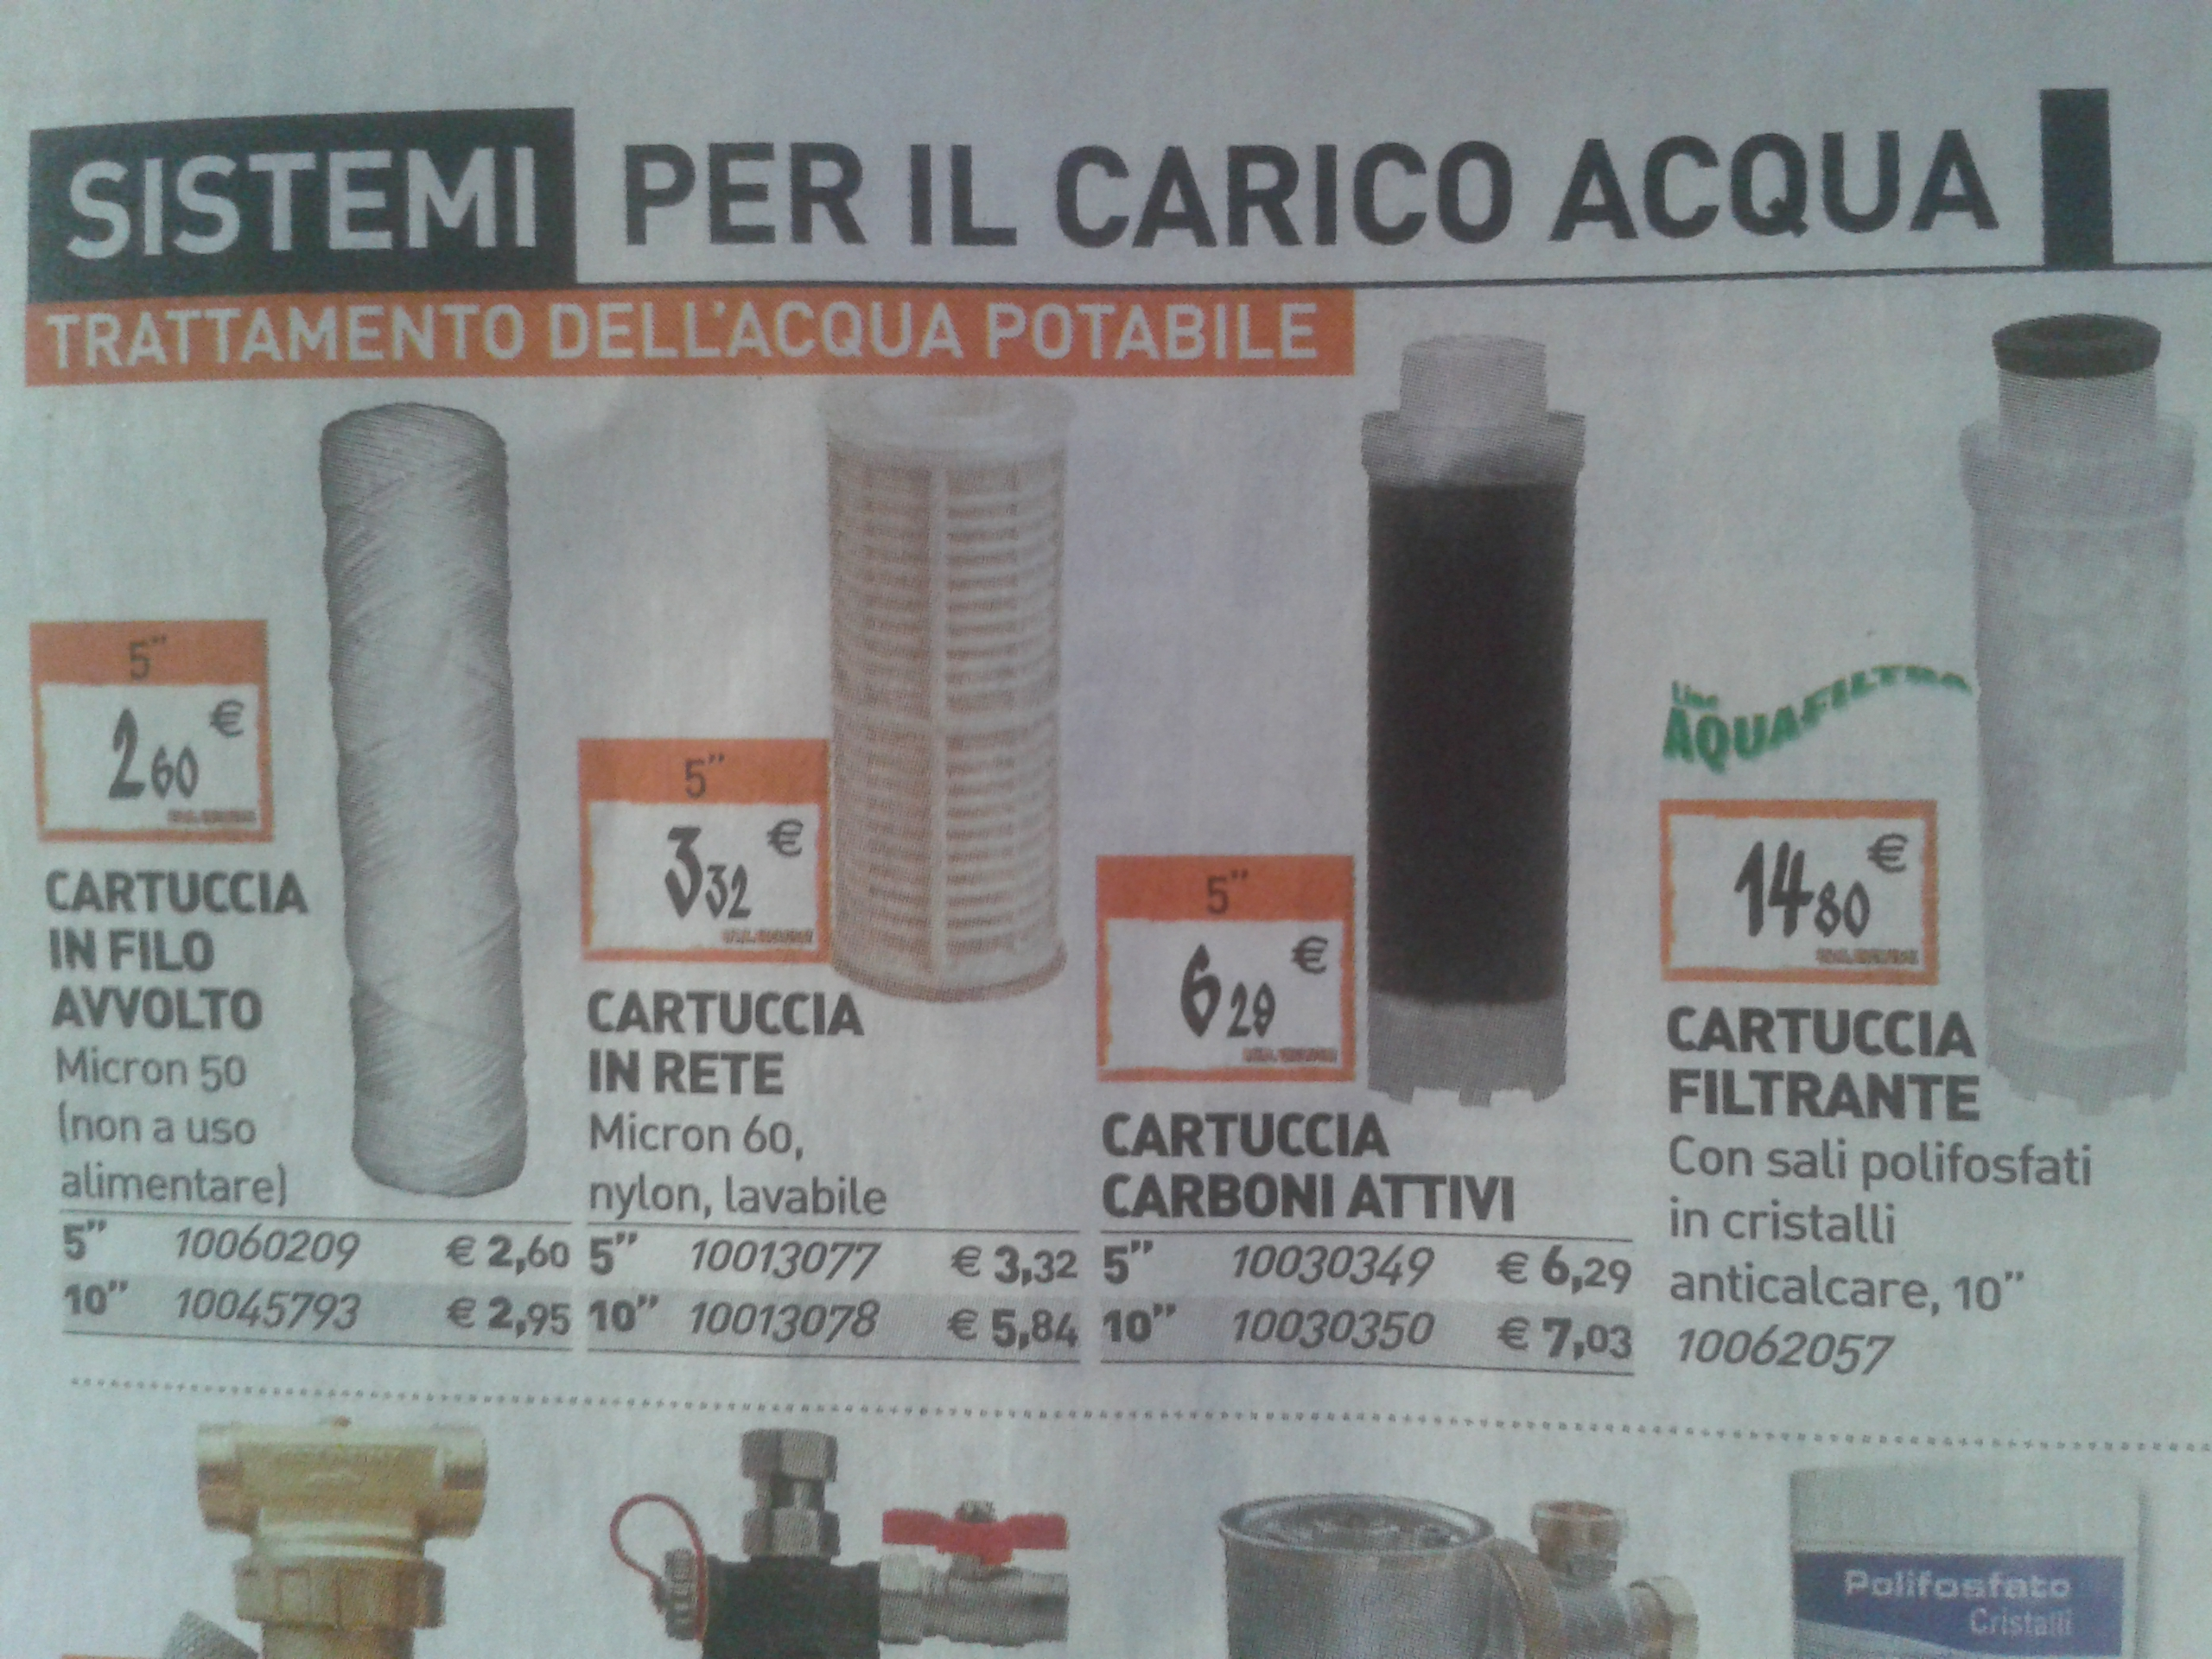 http://www.energialternativa.info/public/newforum/ForumEA/U/1586097171683.jpg